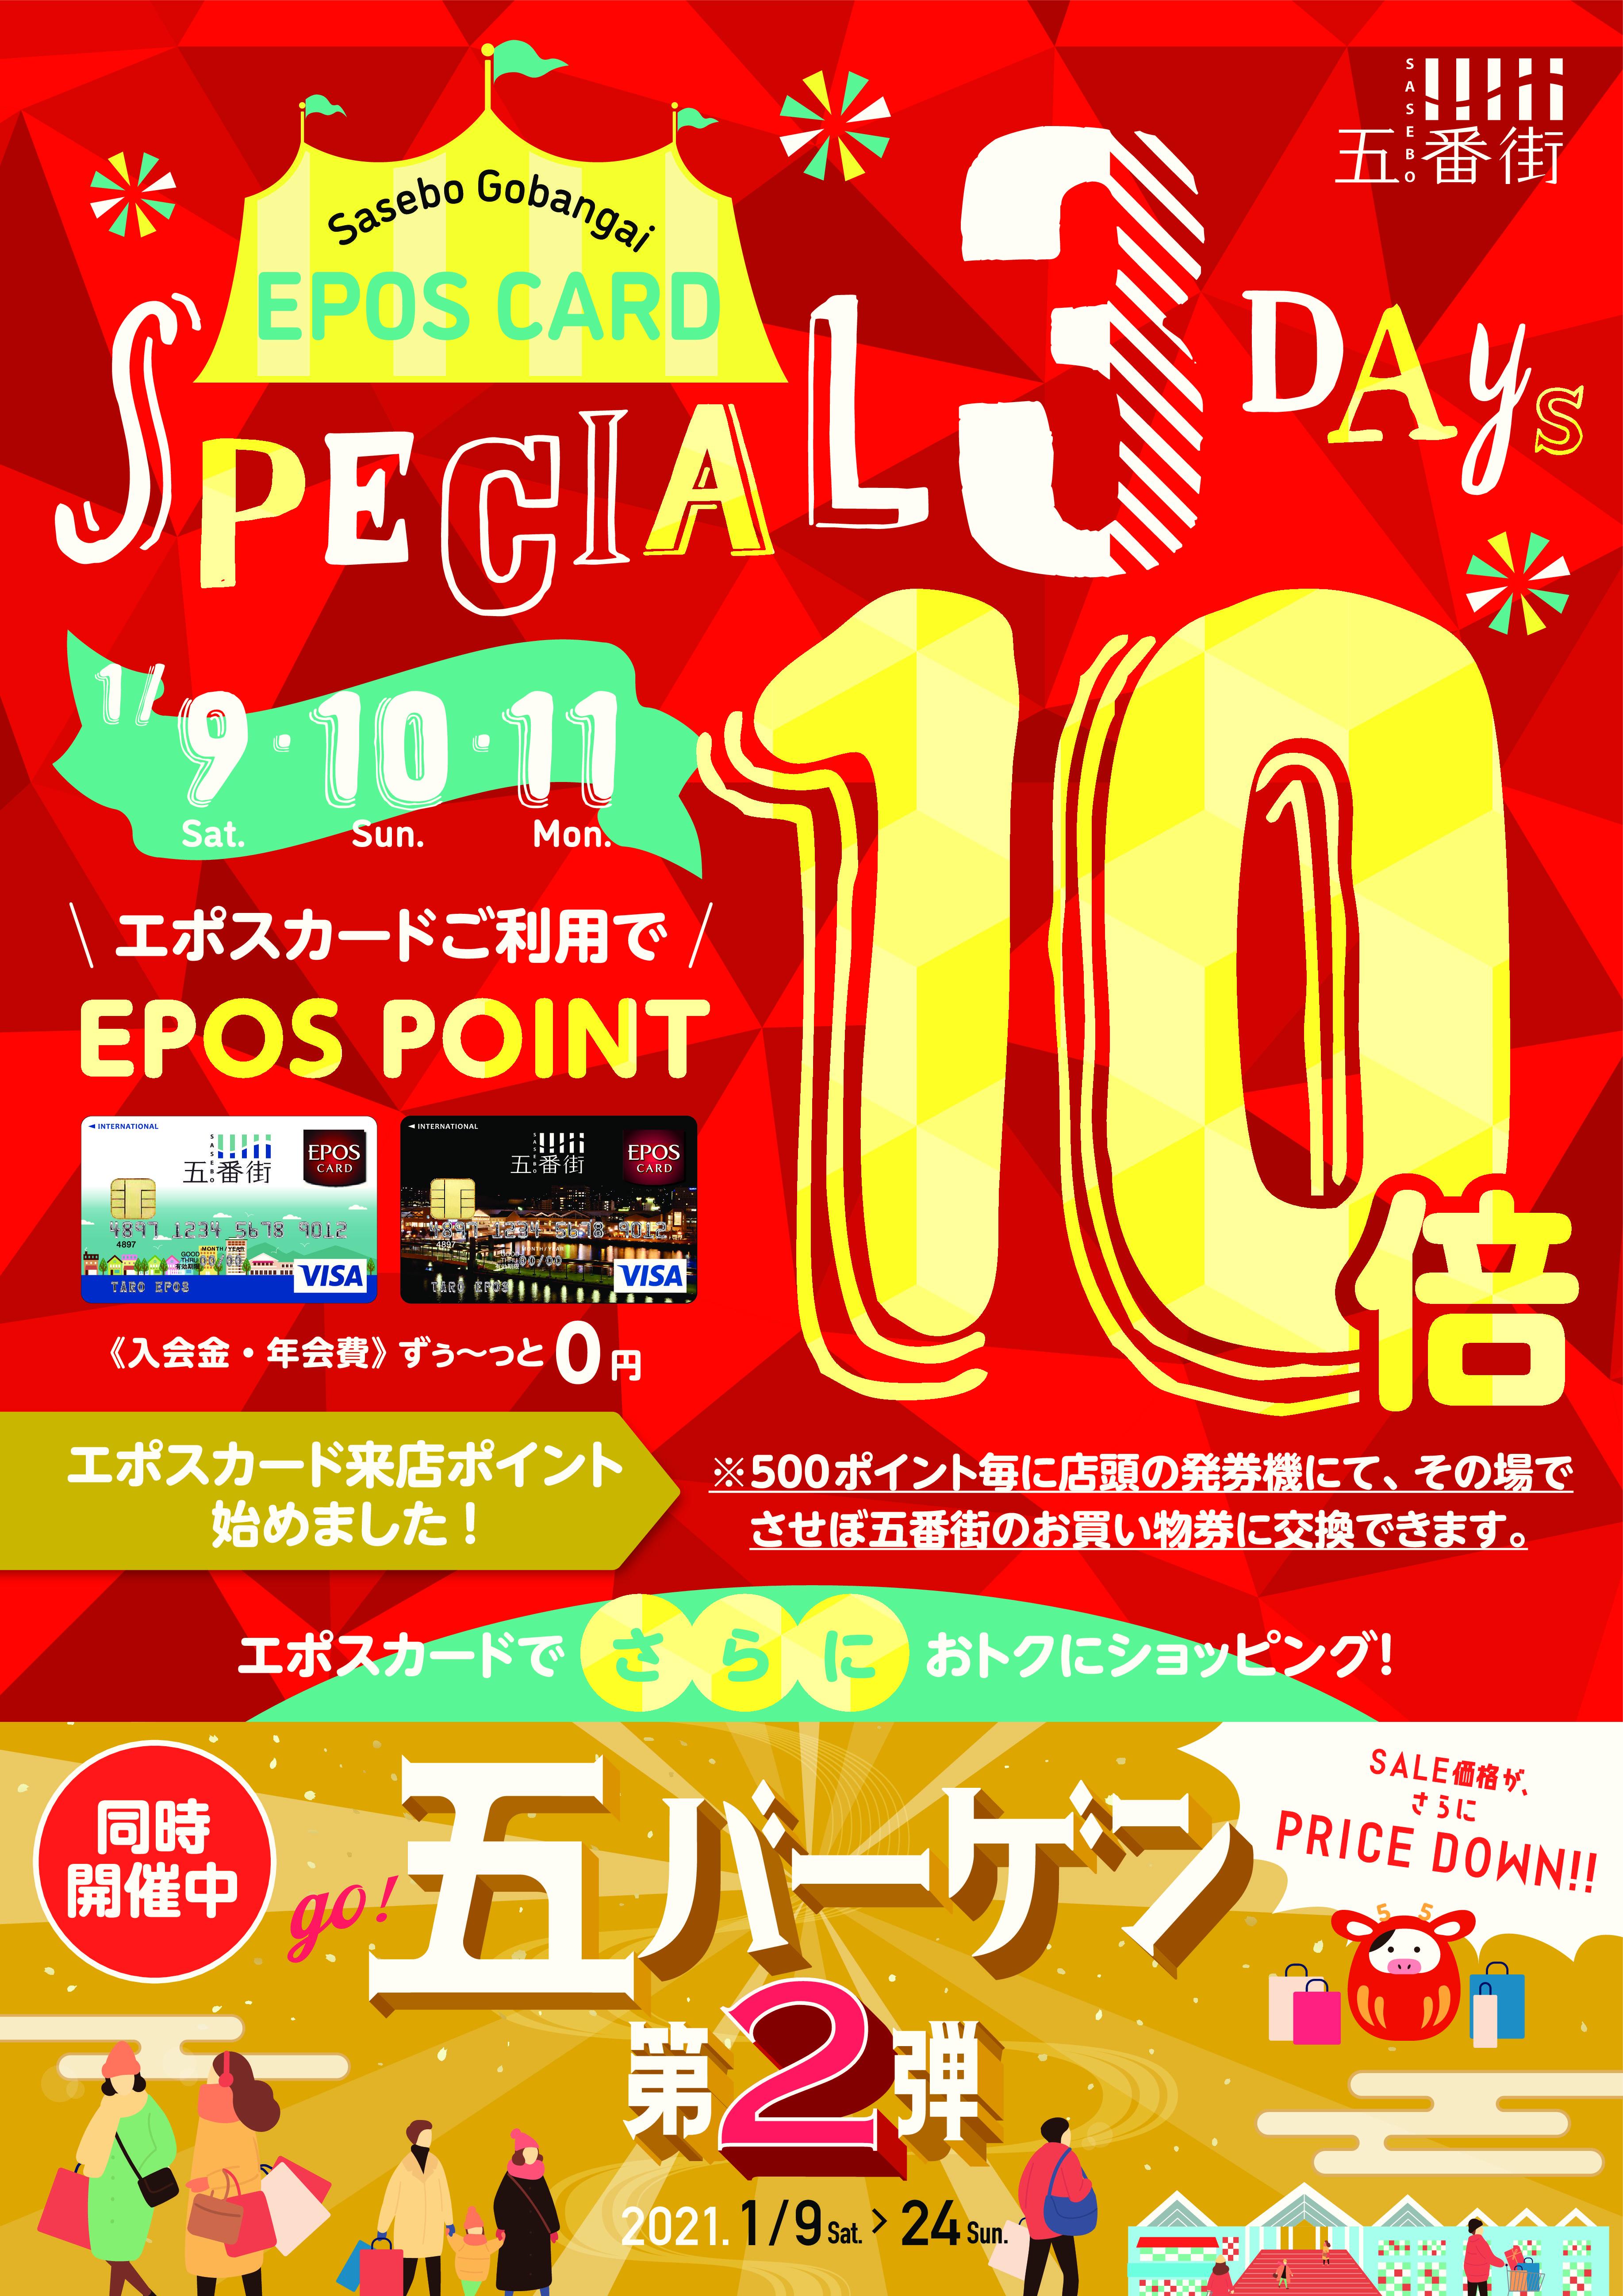 アイキャッチ:五番街の日 SPECIAL 3DAYS!! エポスカードのご利用でポイント10倍!}